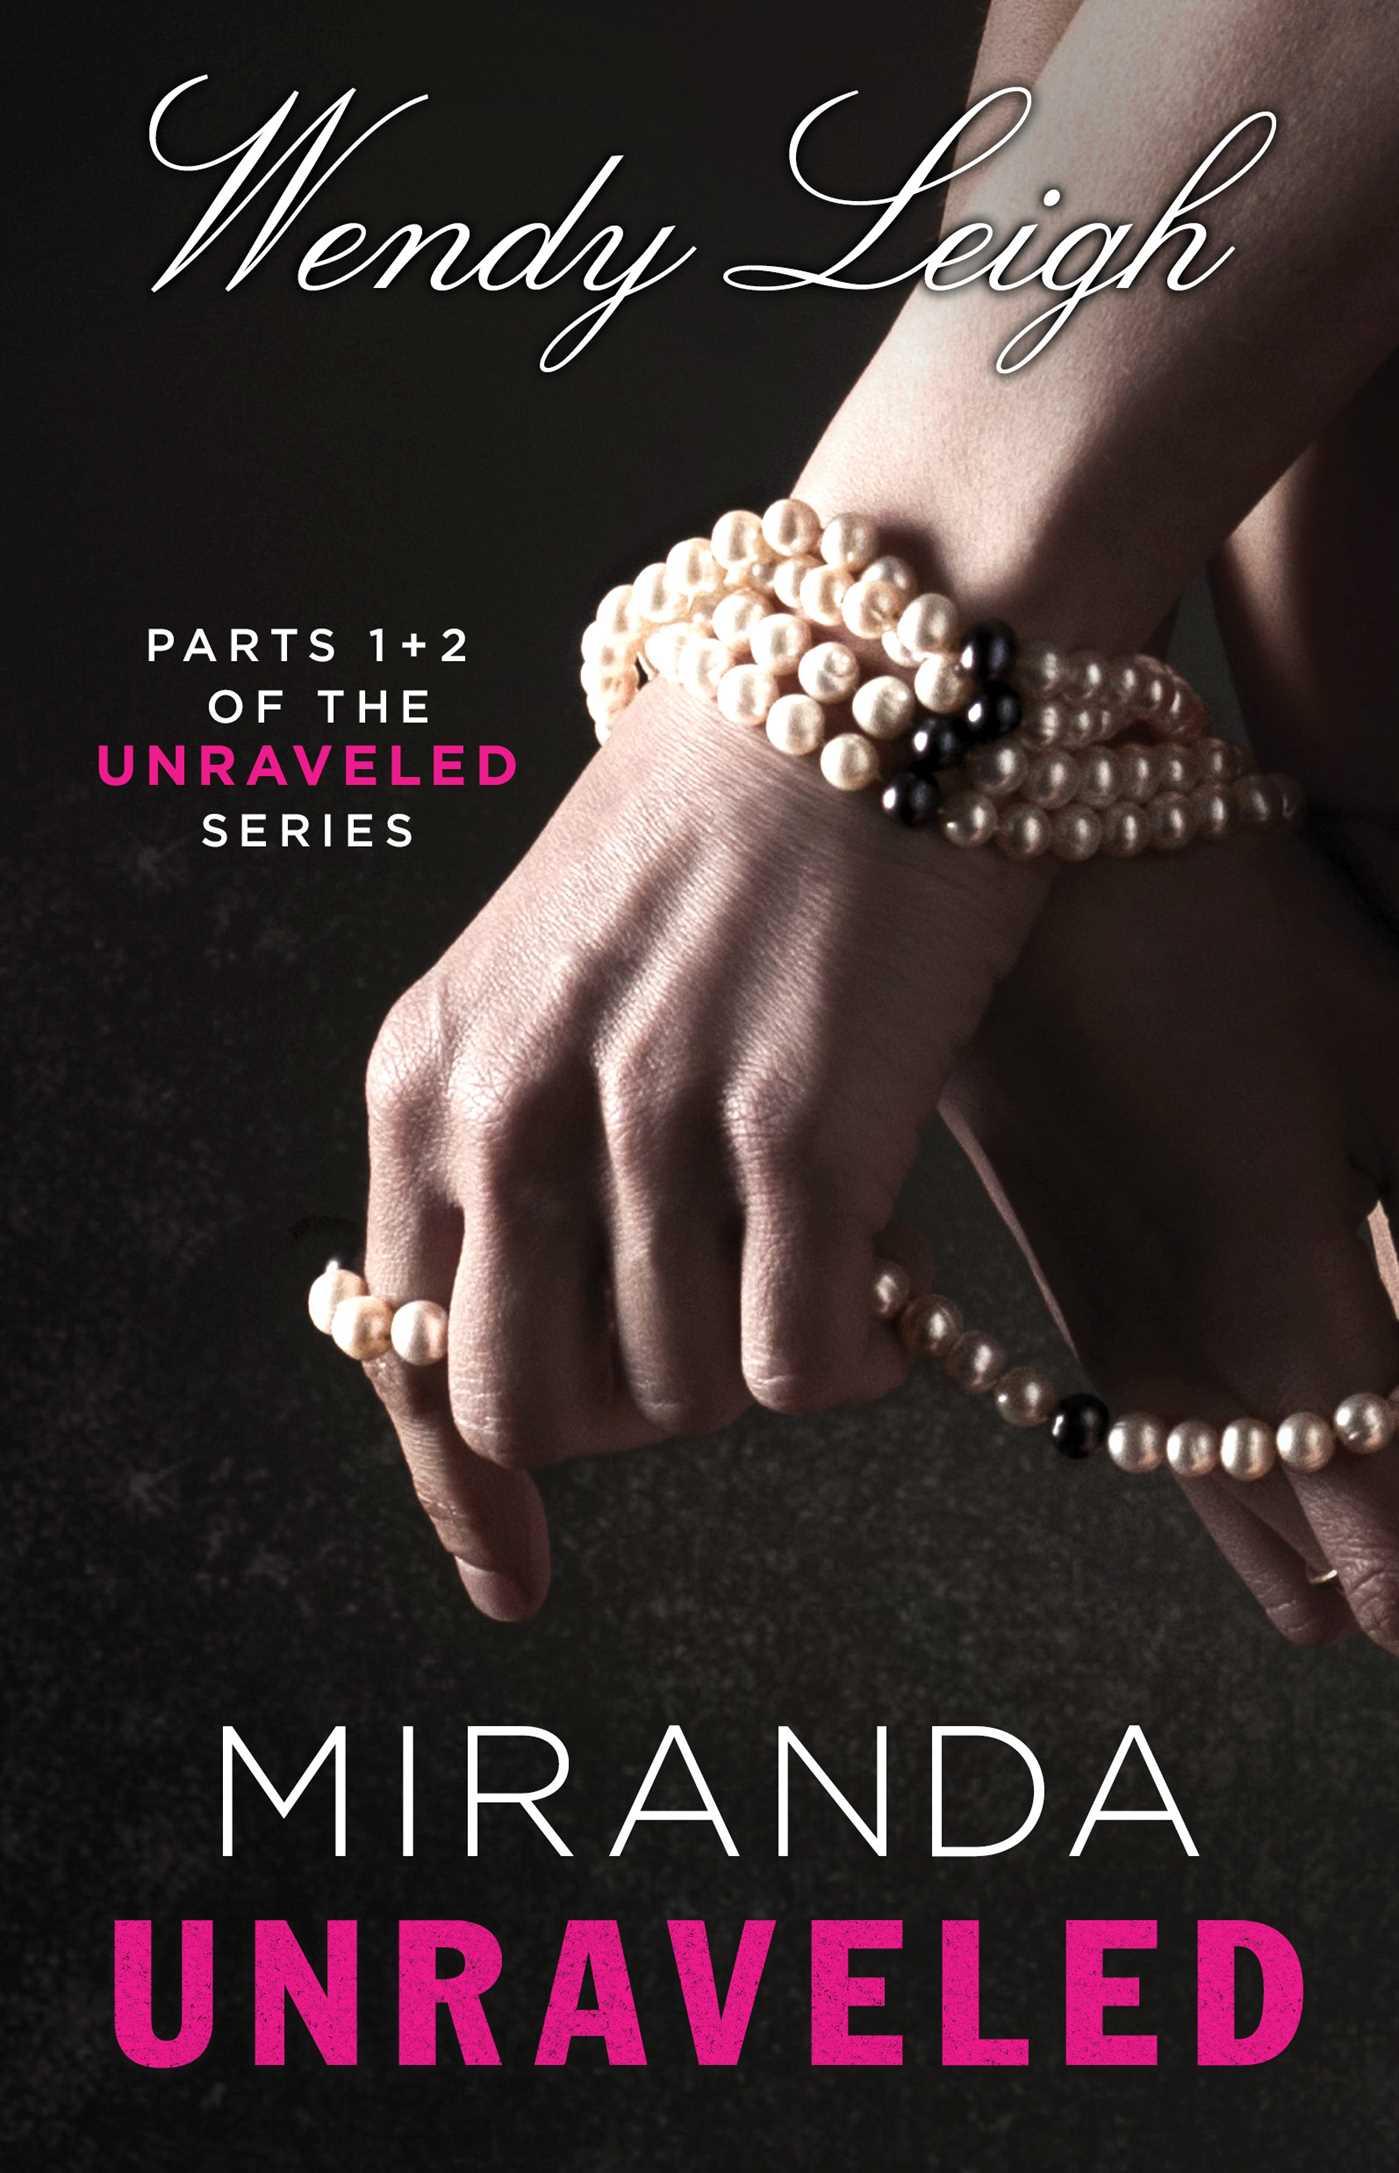 Miranda Unraveled book cover